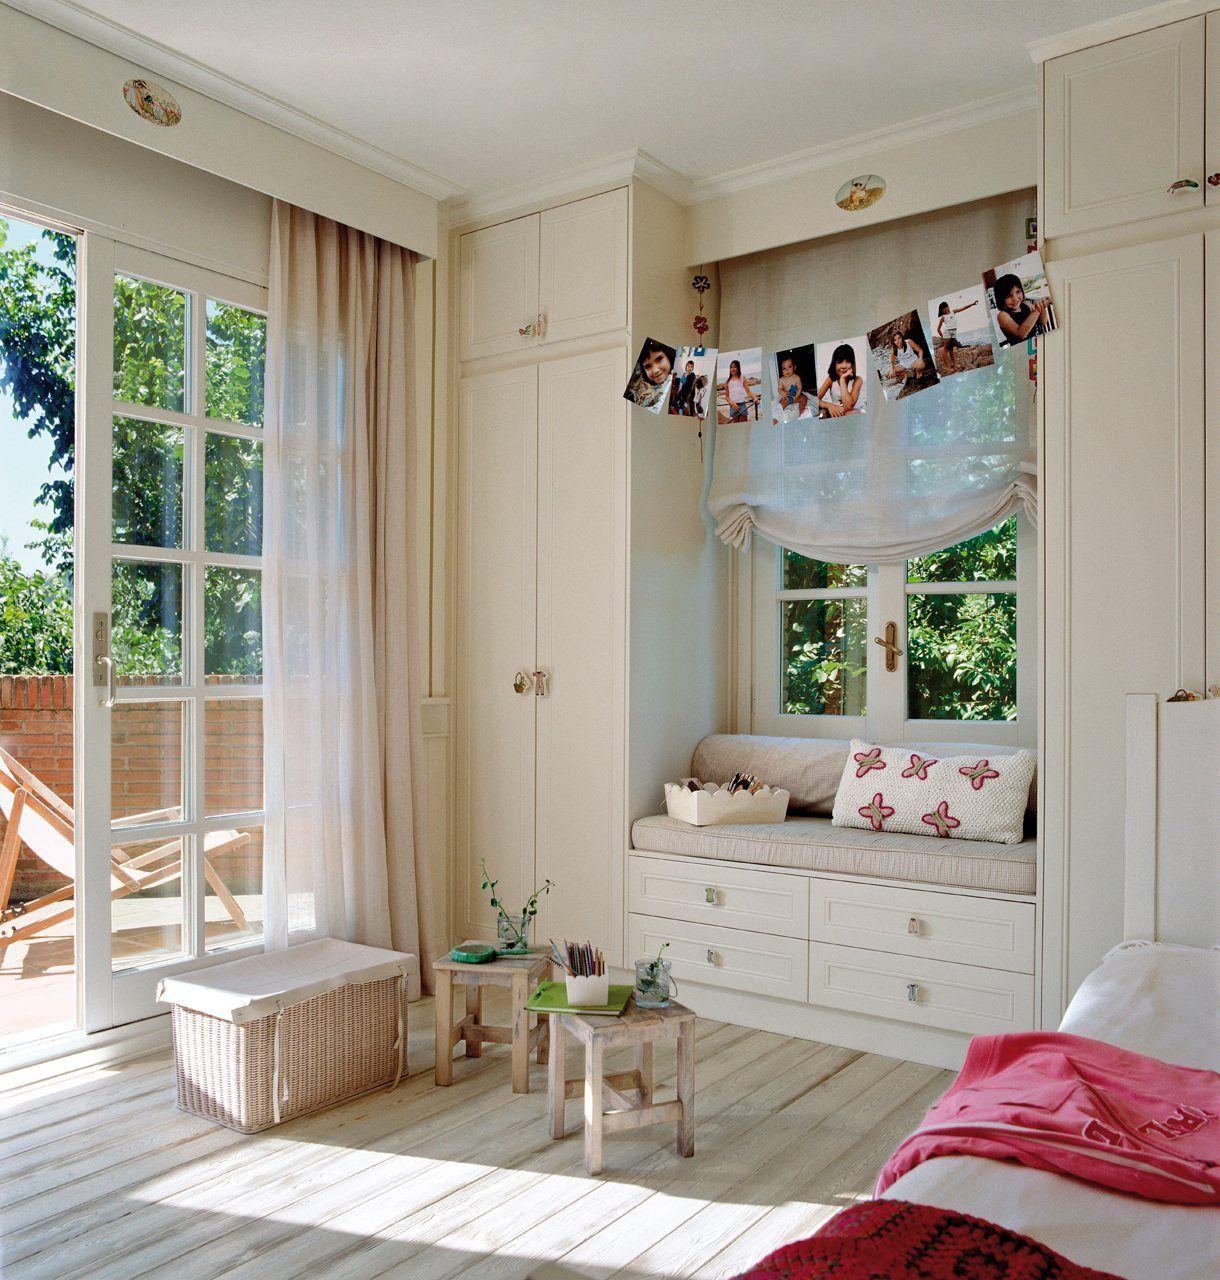 Organiza la habitaci n de los peques altillo bancos y - Baul asiento dormitorio ...